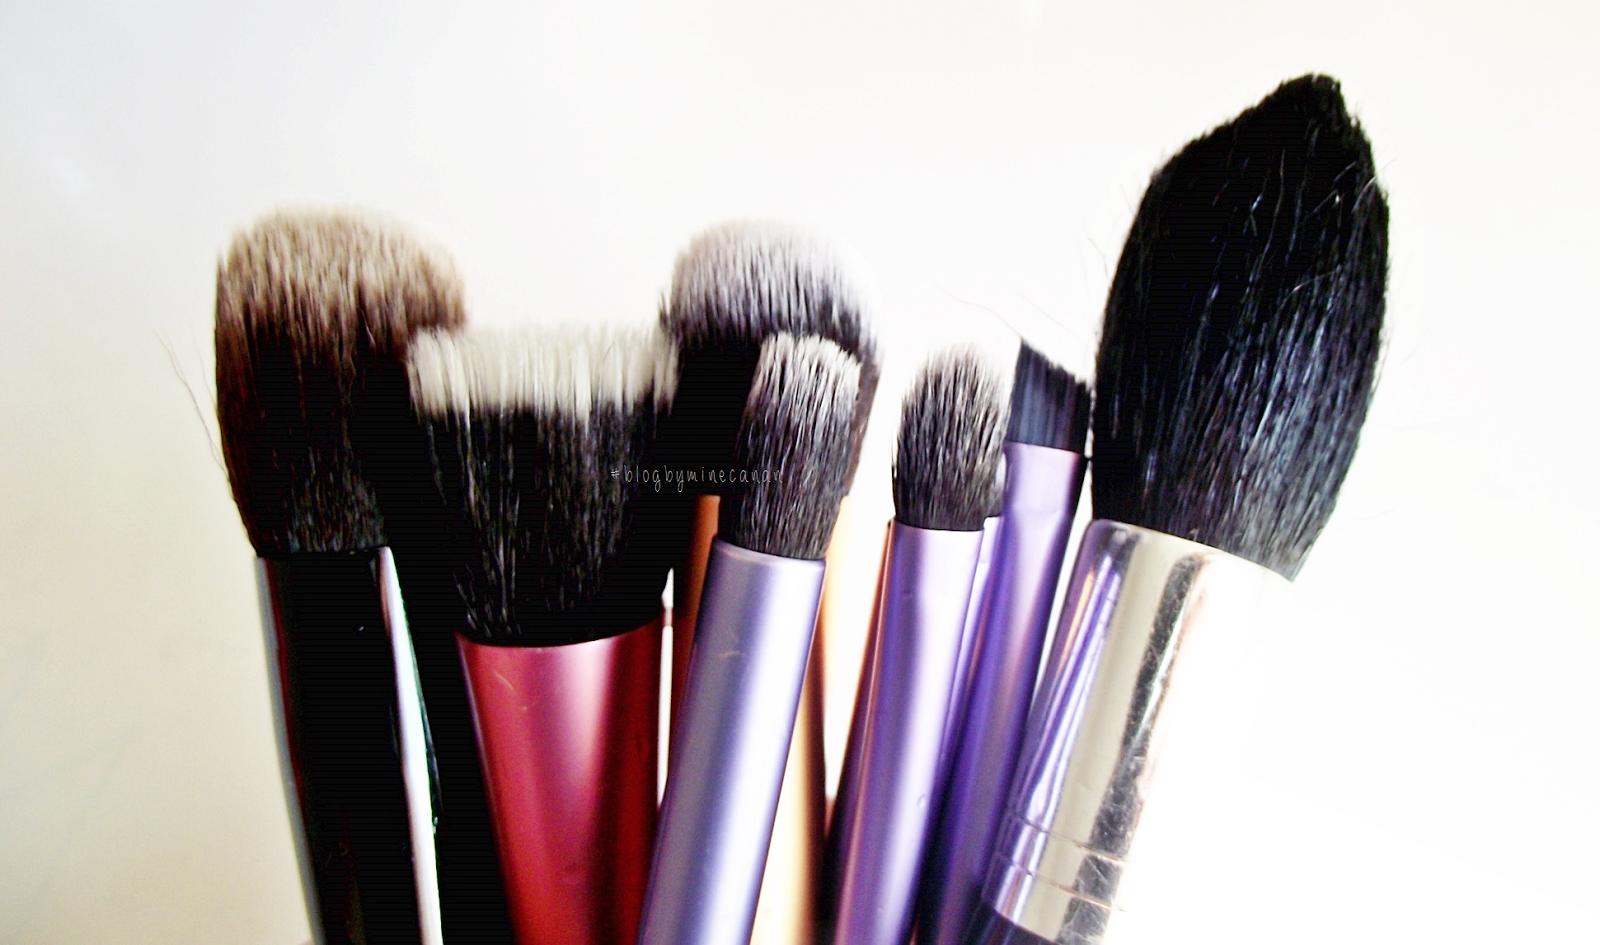 Makyaj Fırçası Nasıl Temizlenir